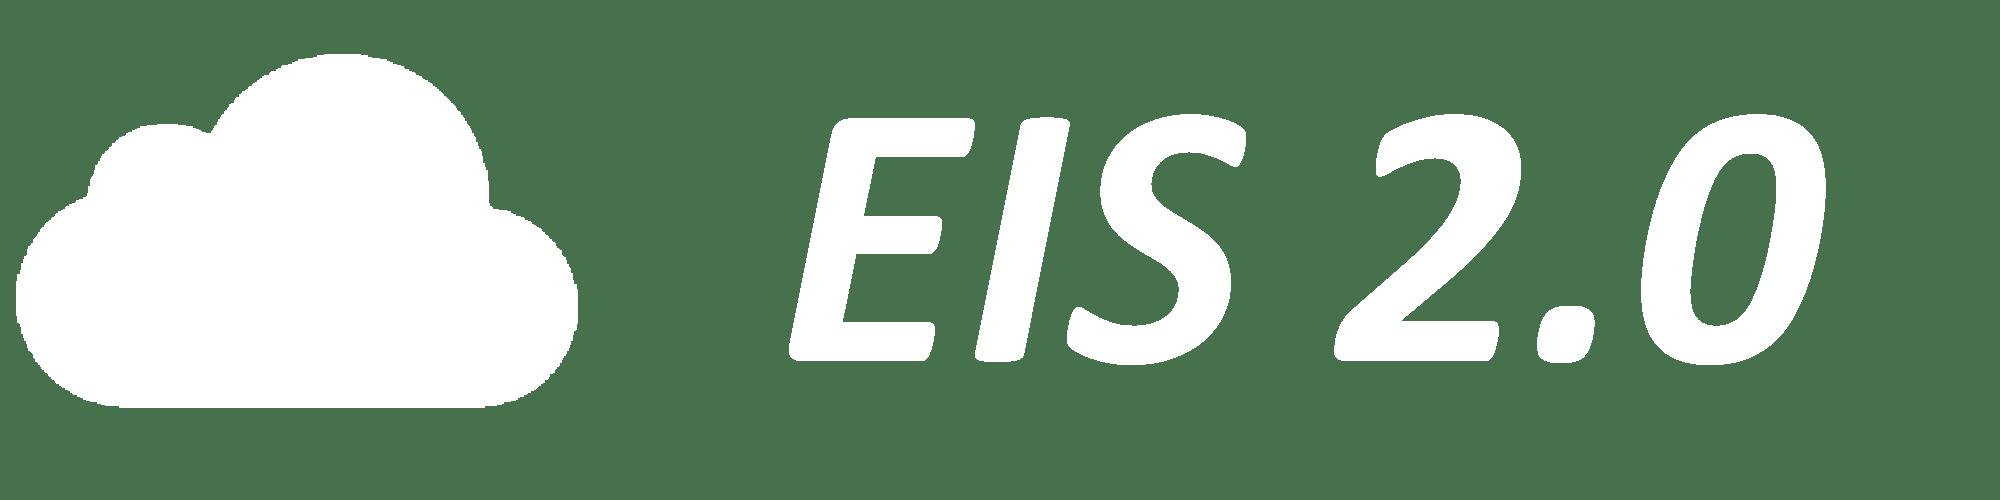 EIS 2.0